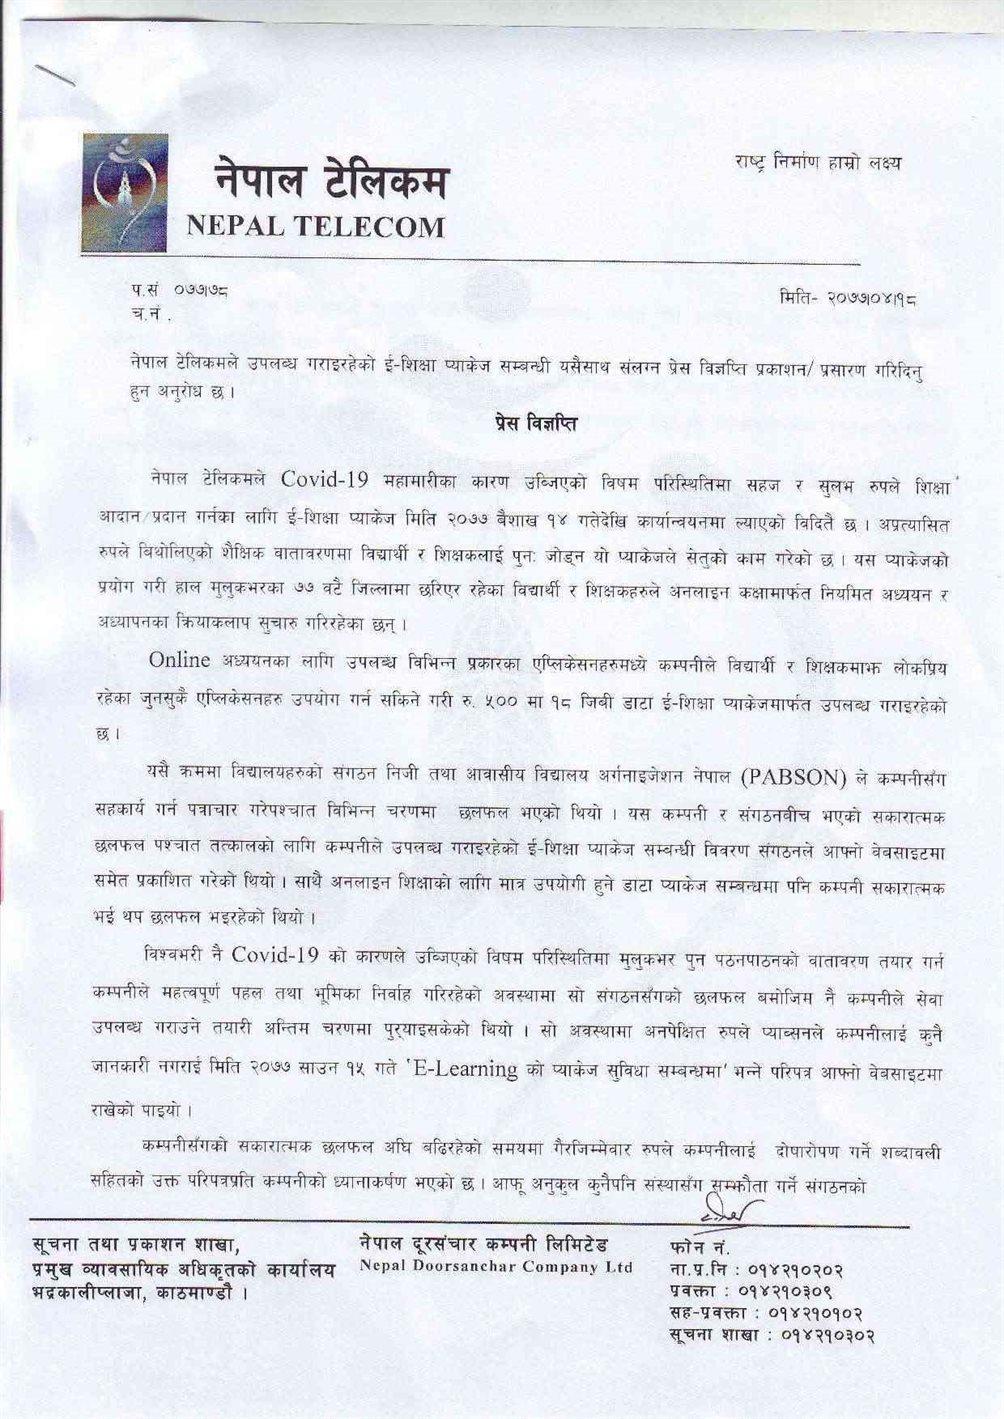 Nepal Telecom Press Bigyapti